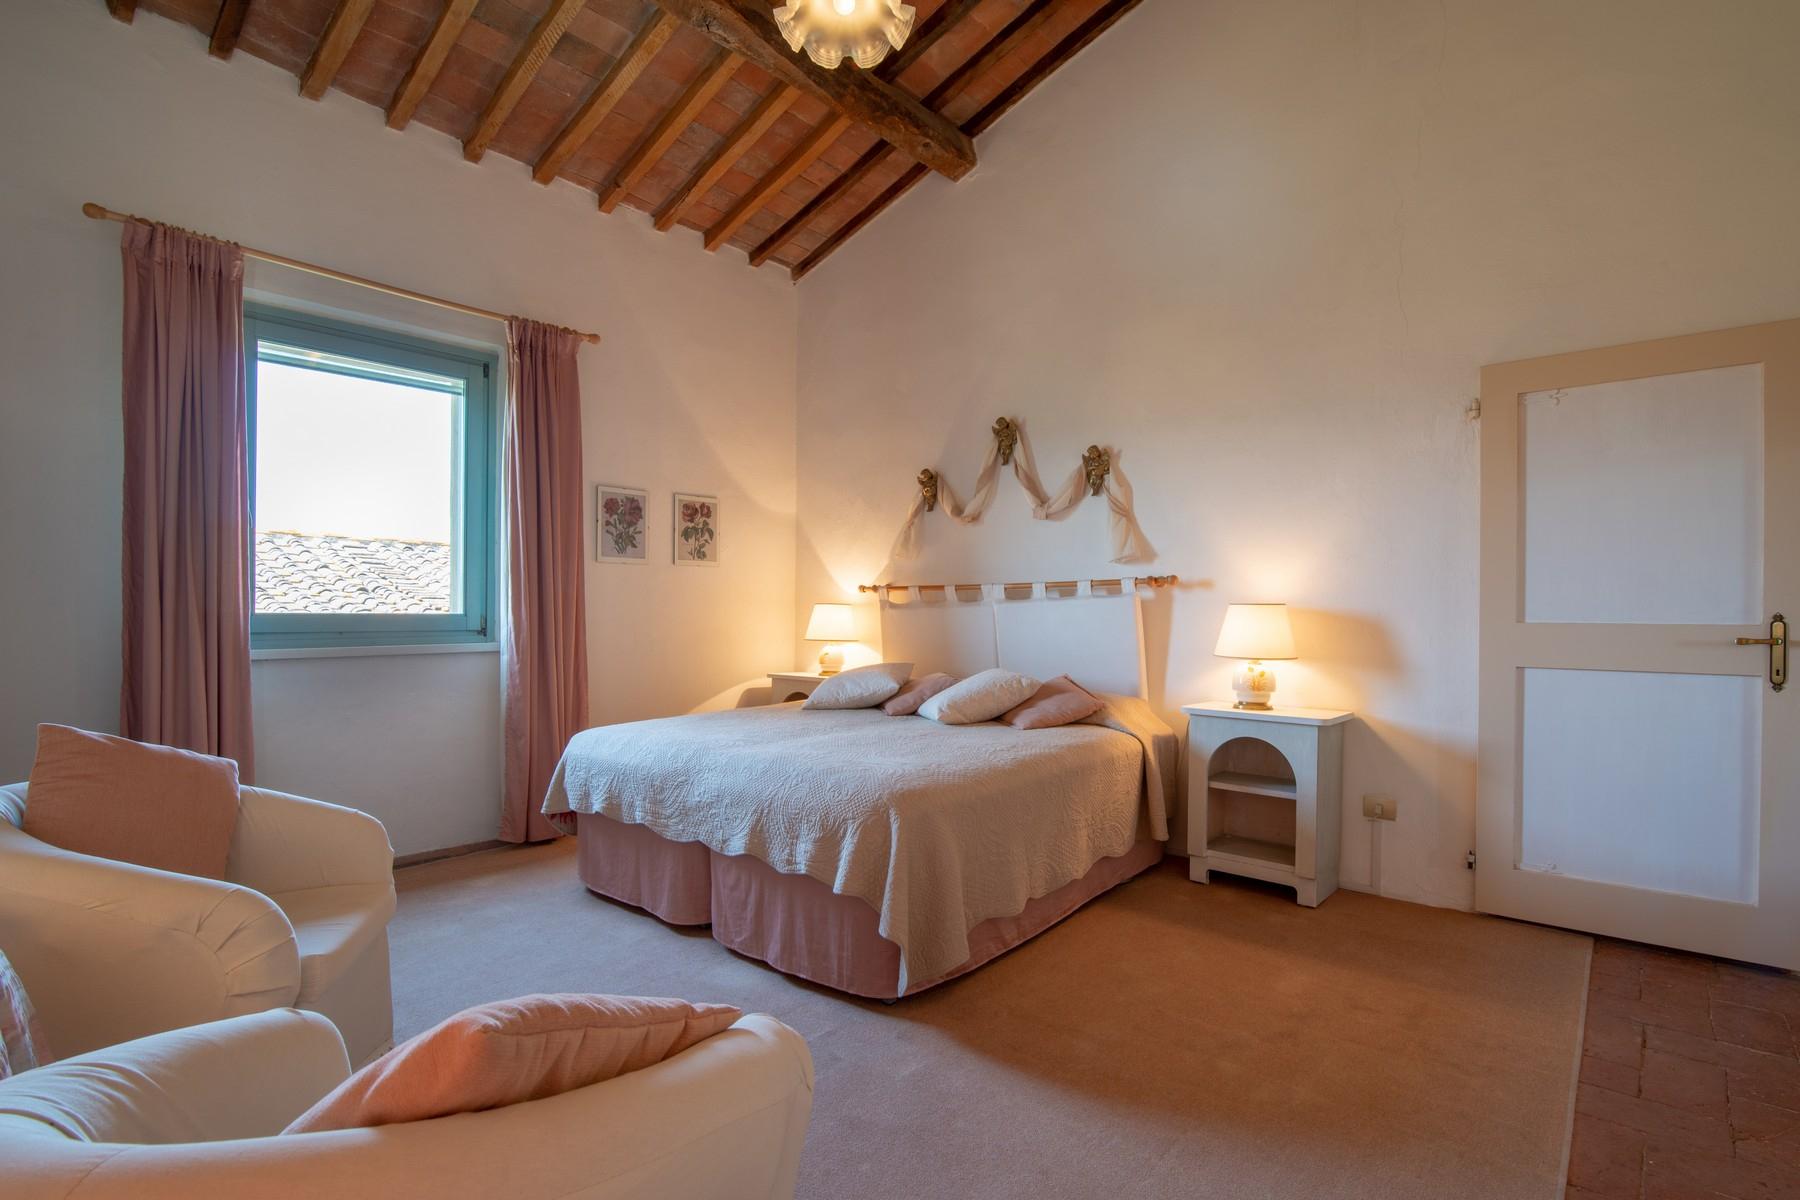 Rustico in Vendita a San Gimignano: 5 locali, 615 mq - Foto 23